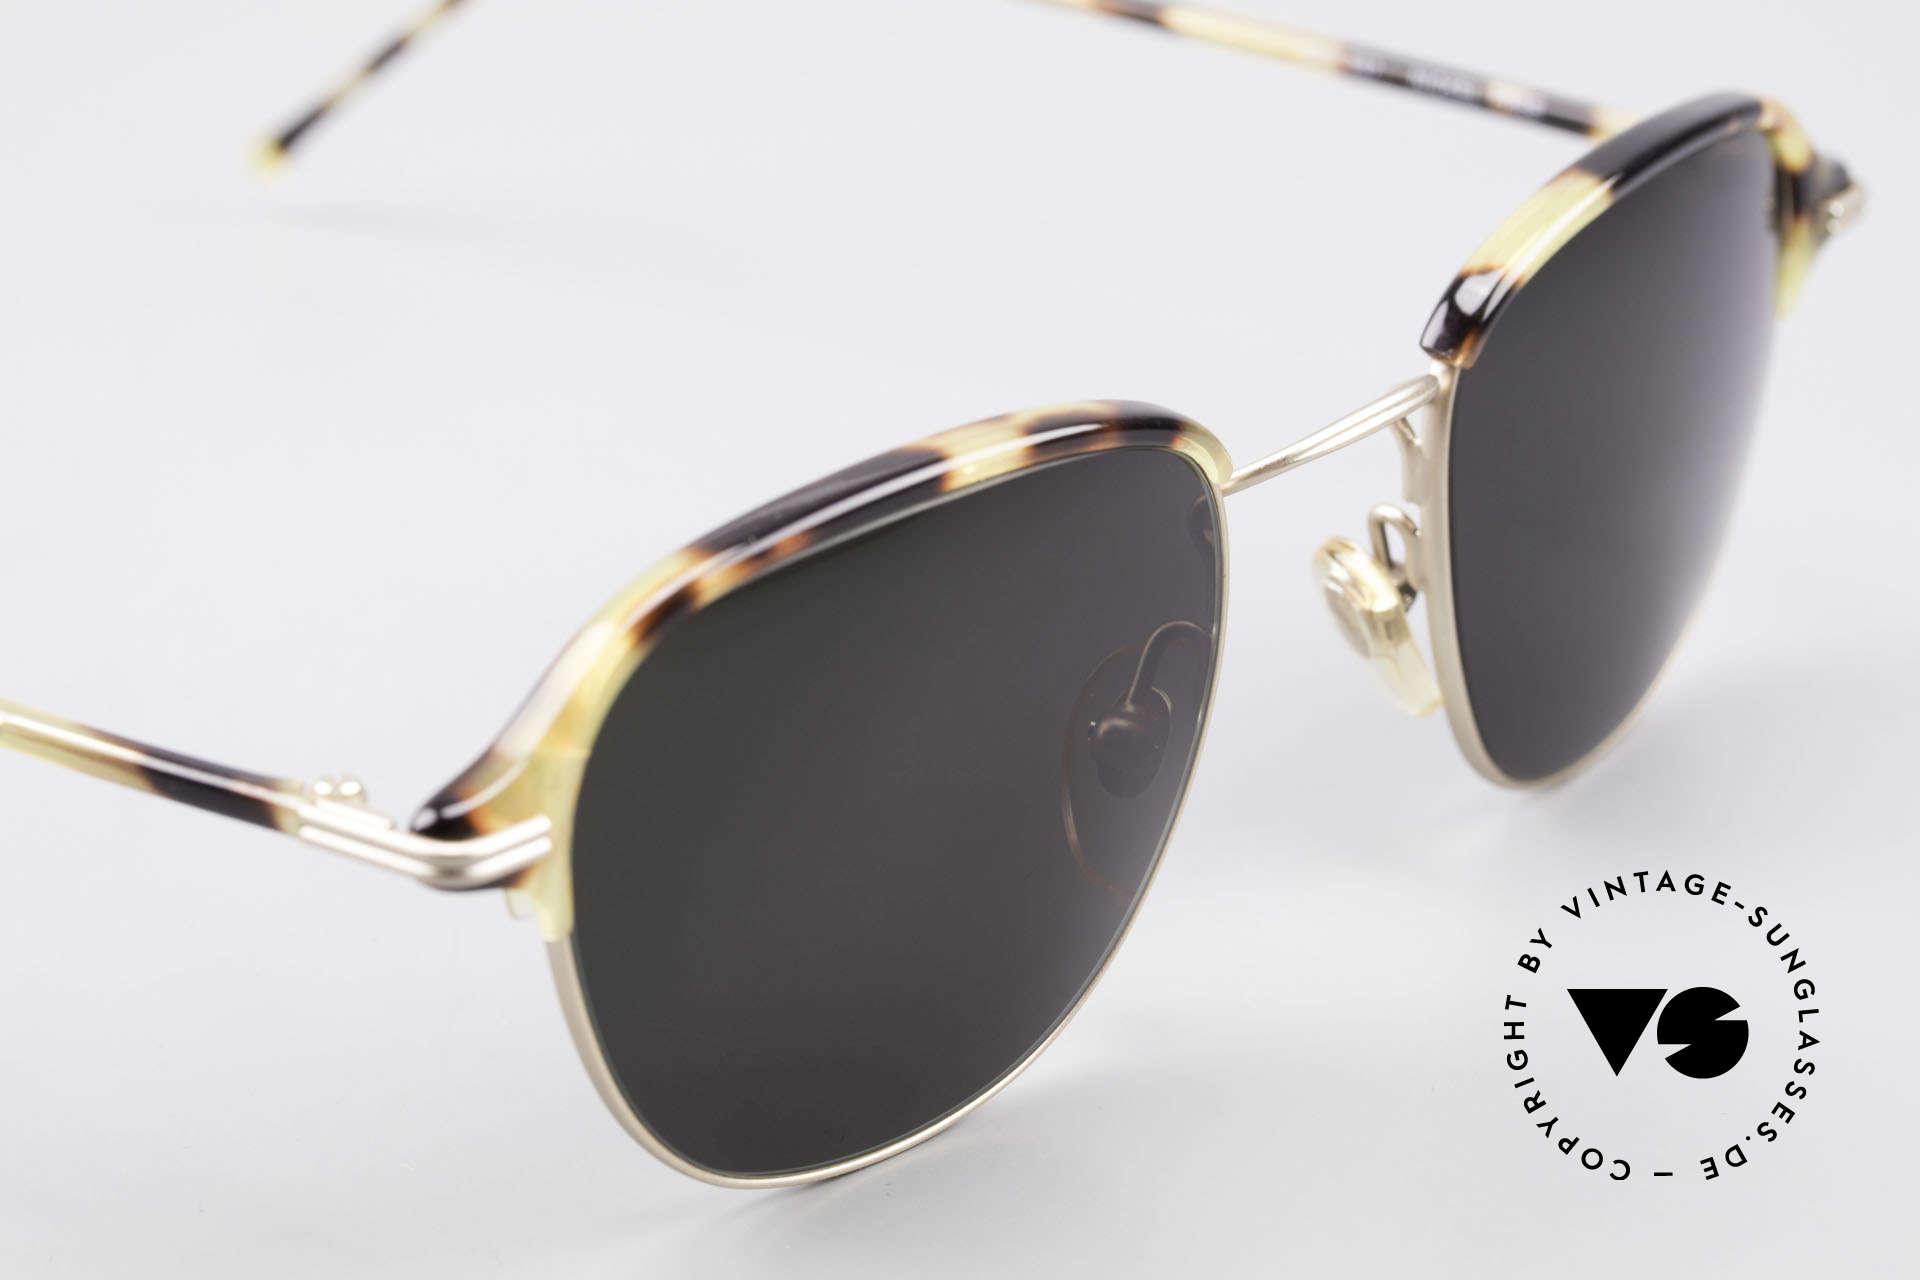 Cutler And Gross 0373 Designer Panto Sonnenbrille, ungetragen; Modell ist auch beliebig optisch verglasbar, Passend für Herren und Damen